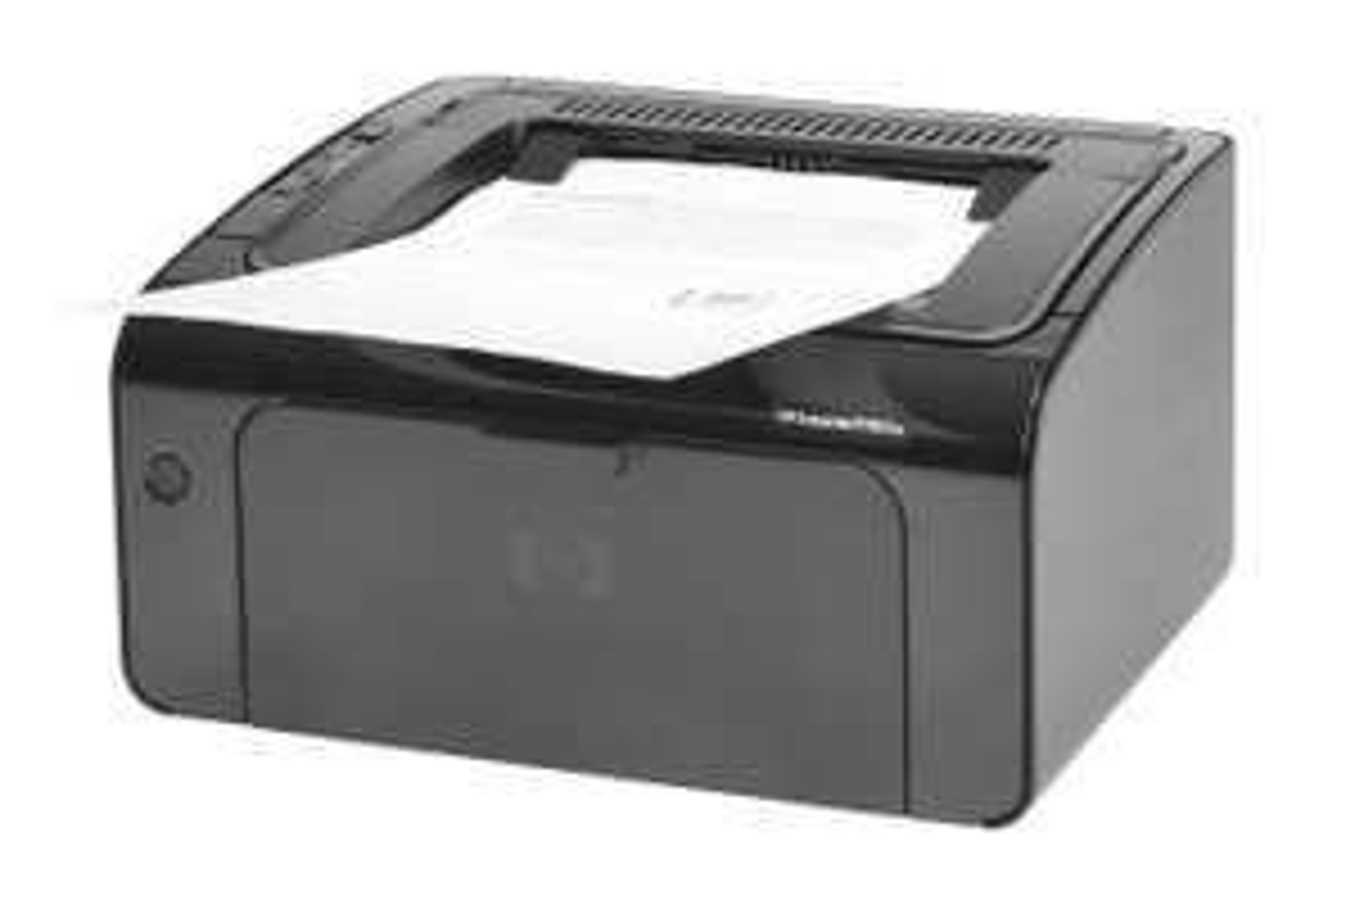 Imprimante laser HP Laserjet P1102W (Wifi)